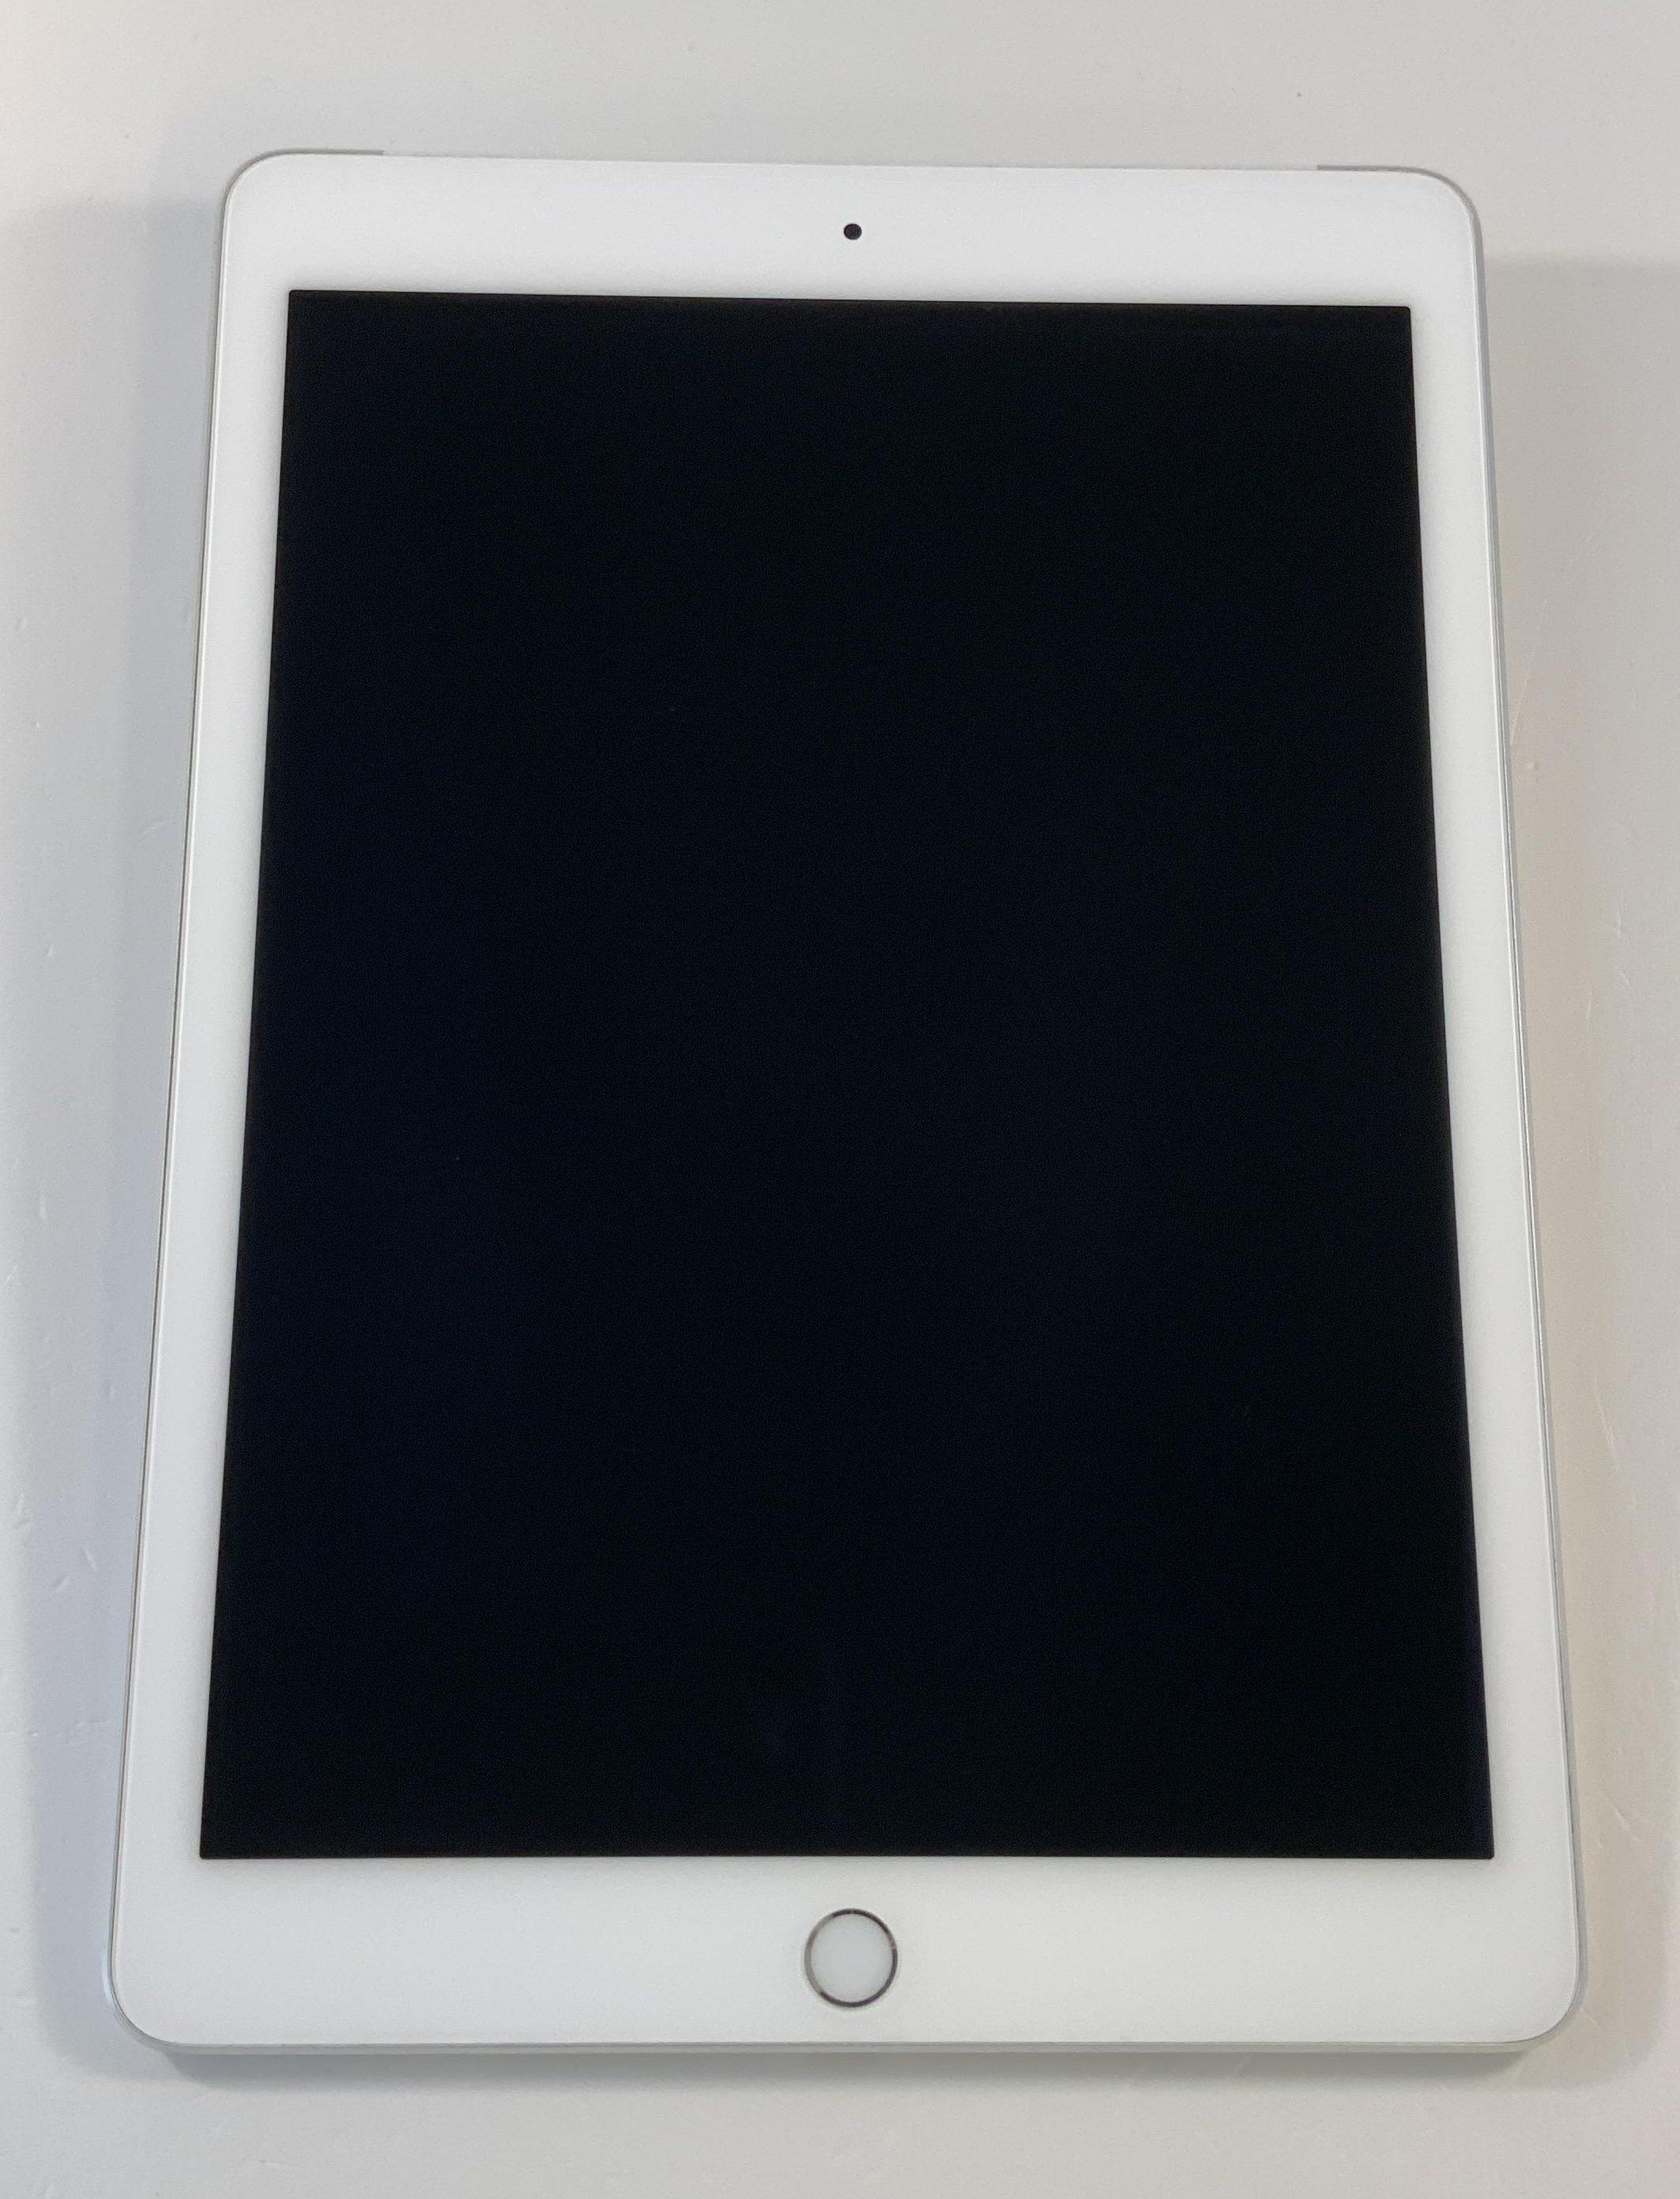 iPad Air 2 Wi-Fi + Cellular 64GB, 64GB, Silver, Kuva 1